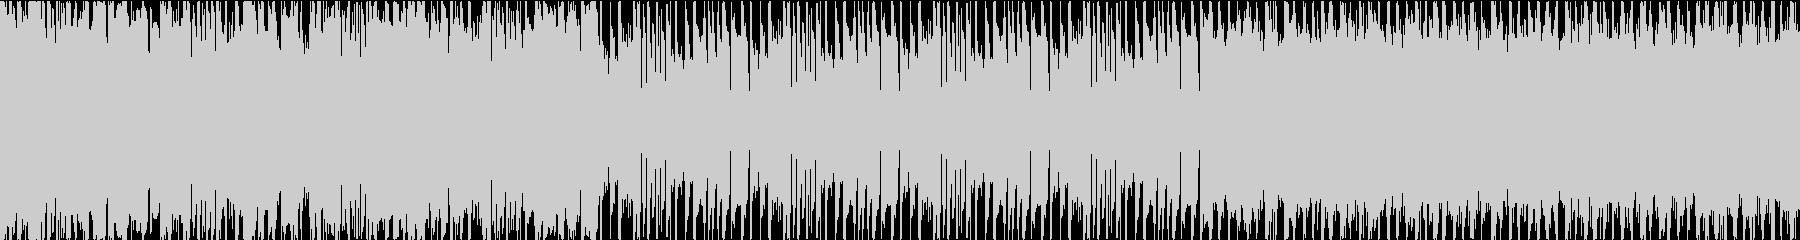 キラキラとしたトロピカルレゲエ。ループ用の未再生の波形